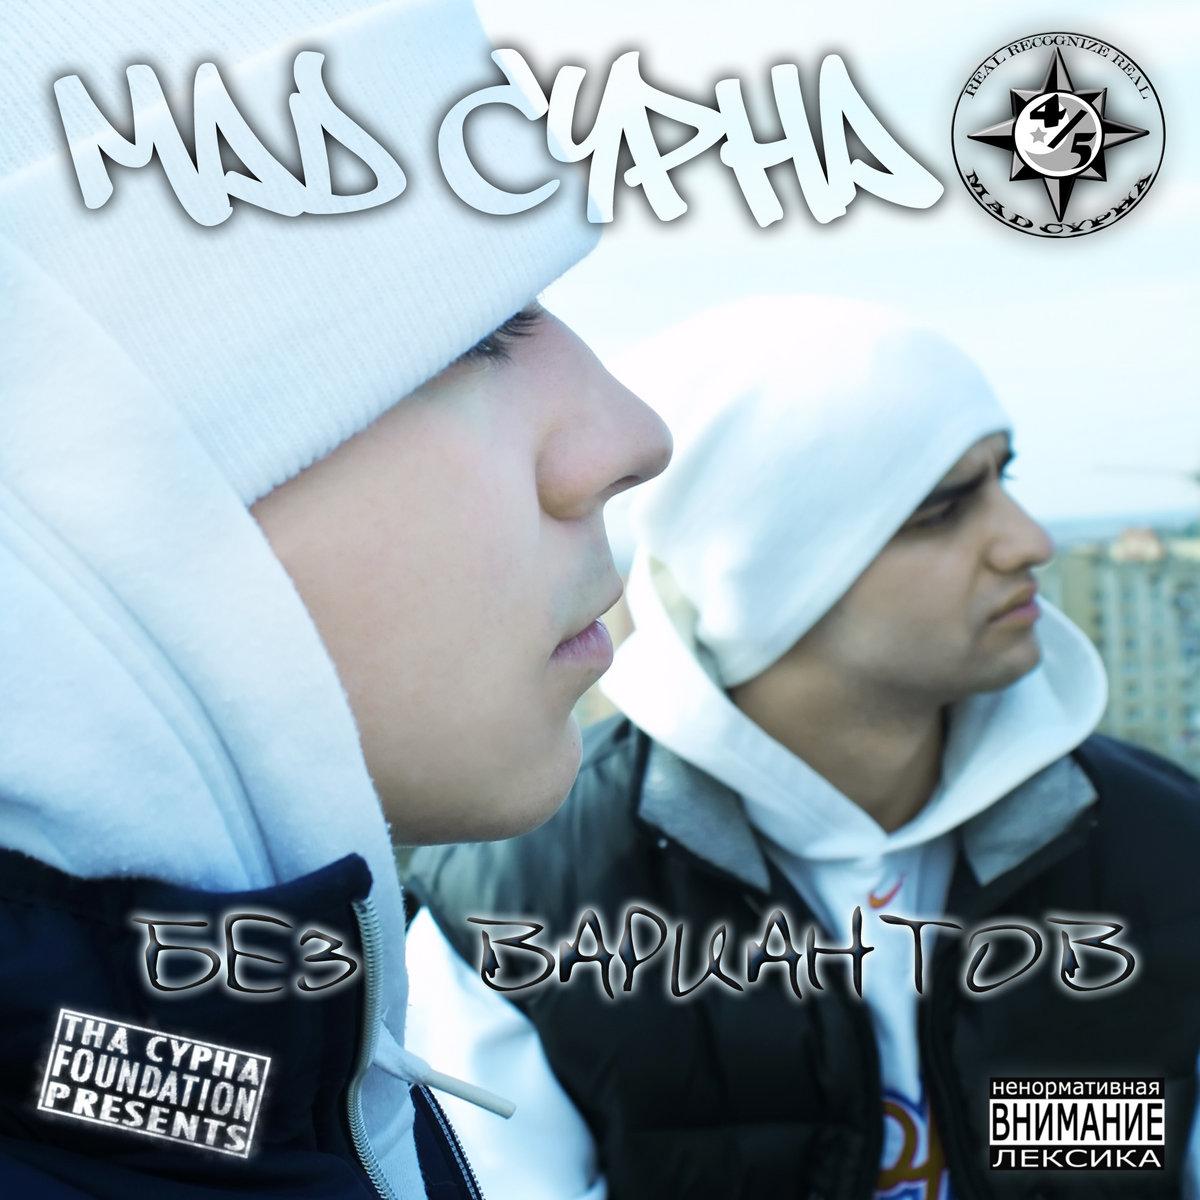 Mad Cypha – Без Вариантов (2015)